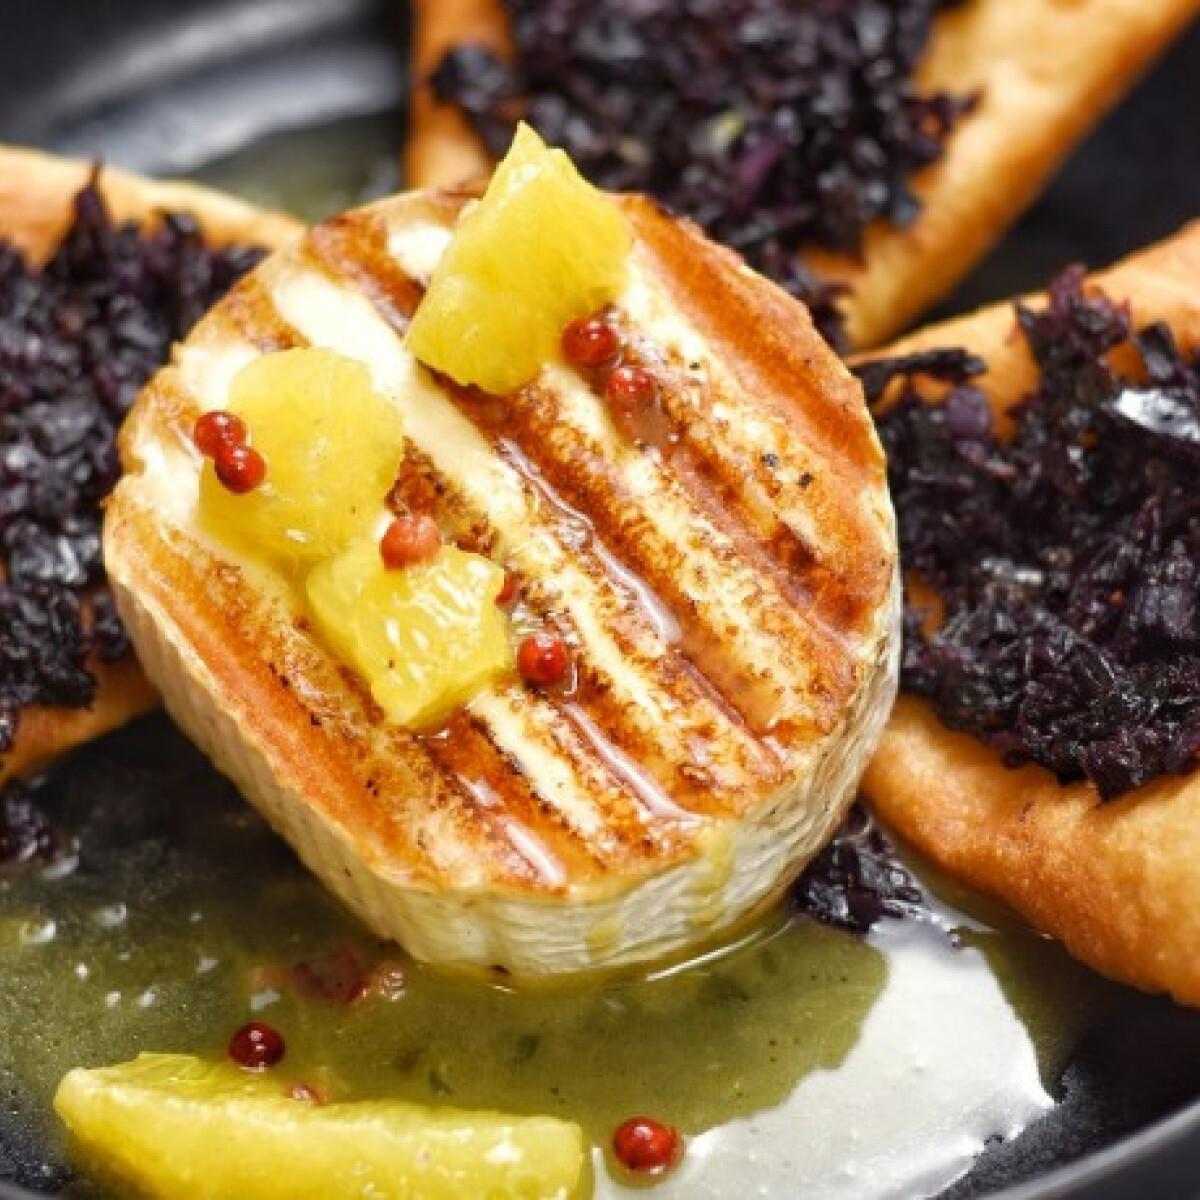 Kecskesajt steak lilakáposztás toszkán lángoskákkal és narancsmártással Eke Angélától